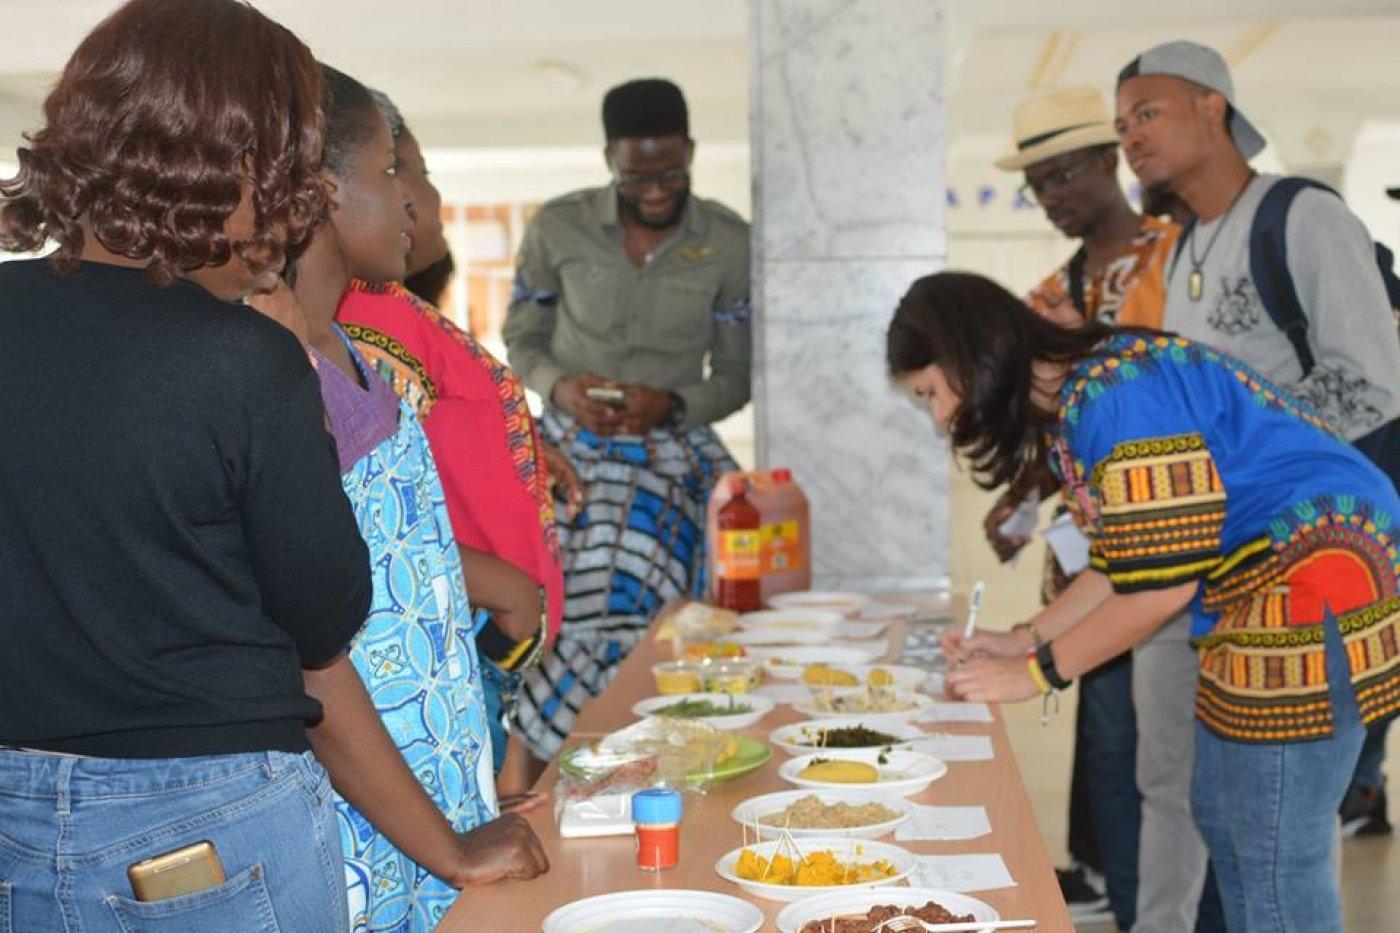 Камерун - у франківському університеті: спорт, кухня і традиції. ФОТО, фото-1